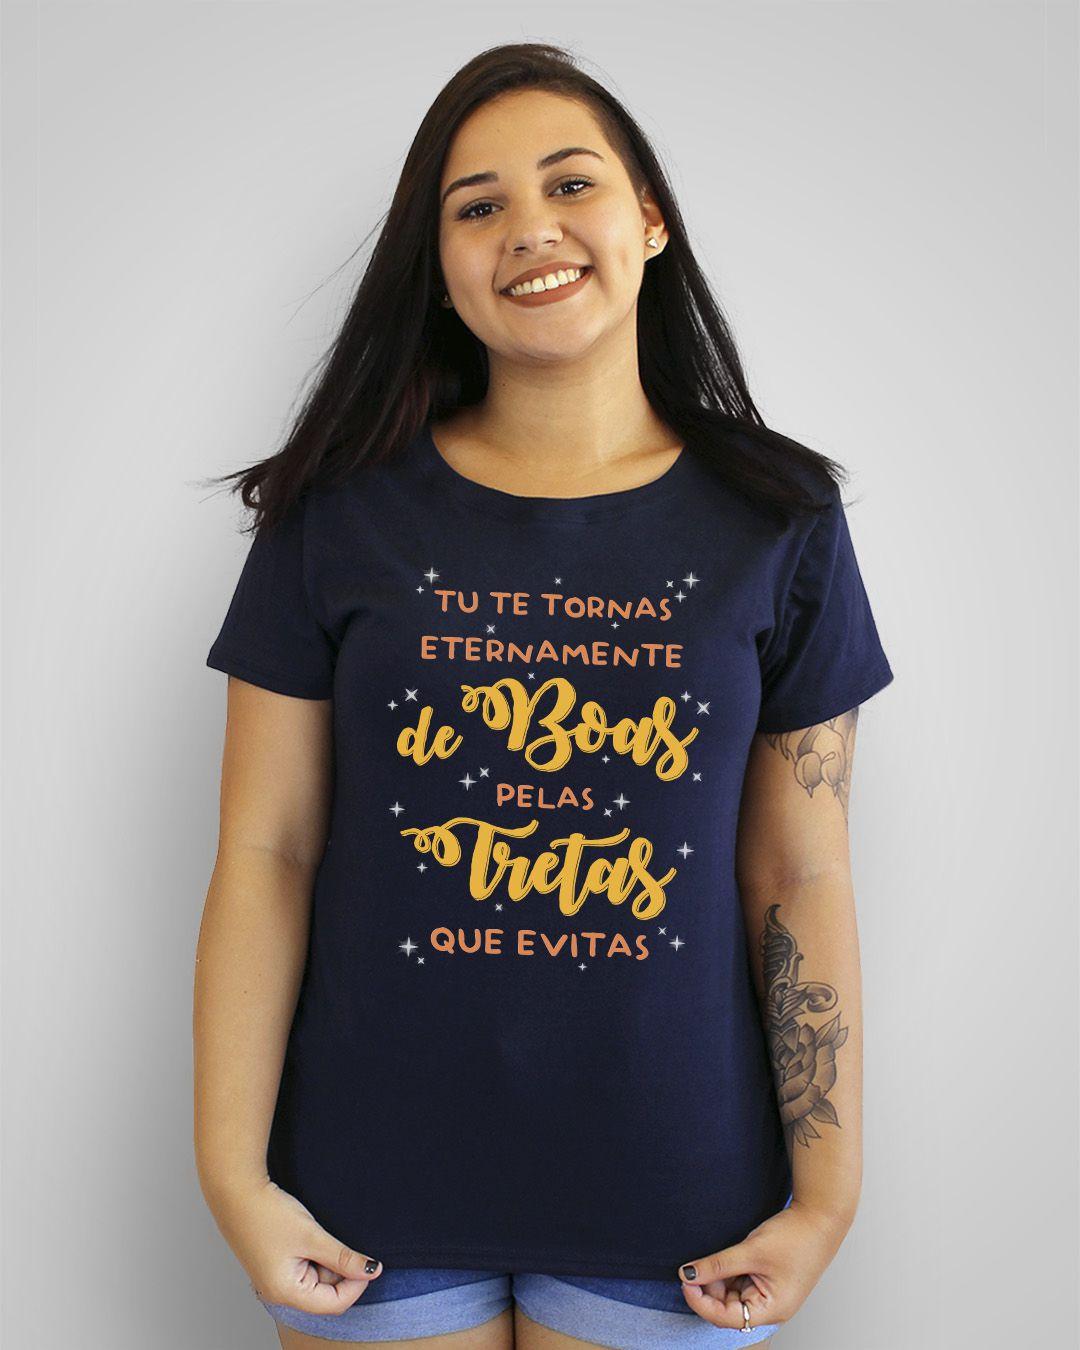 Camiseta Tu te tornas eternamente de boas pelas tretas que evitas